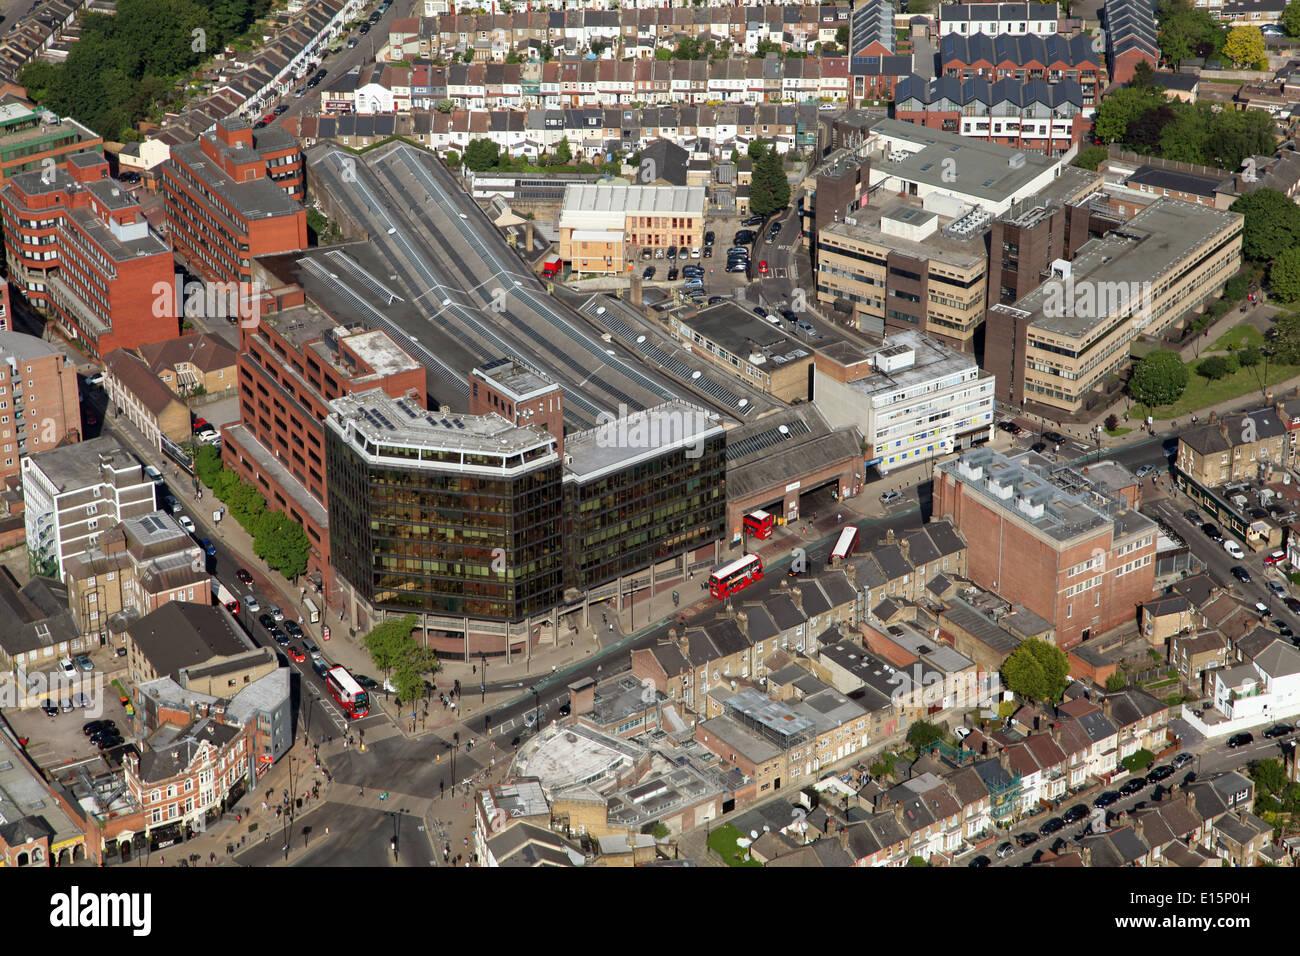 Vista aérea de Wood Lane garaje de autobuses en el norte de Londres, donde viven los autobuses de Londres Imagen De Stock